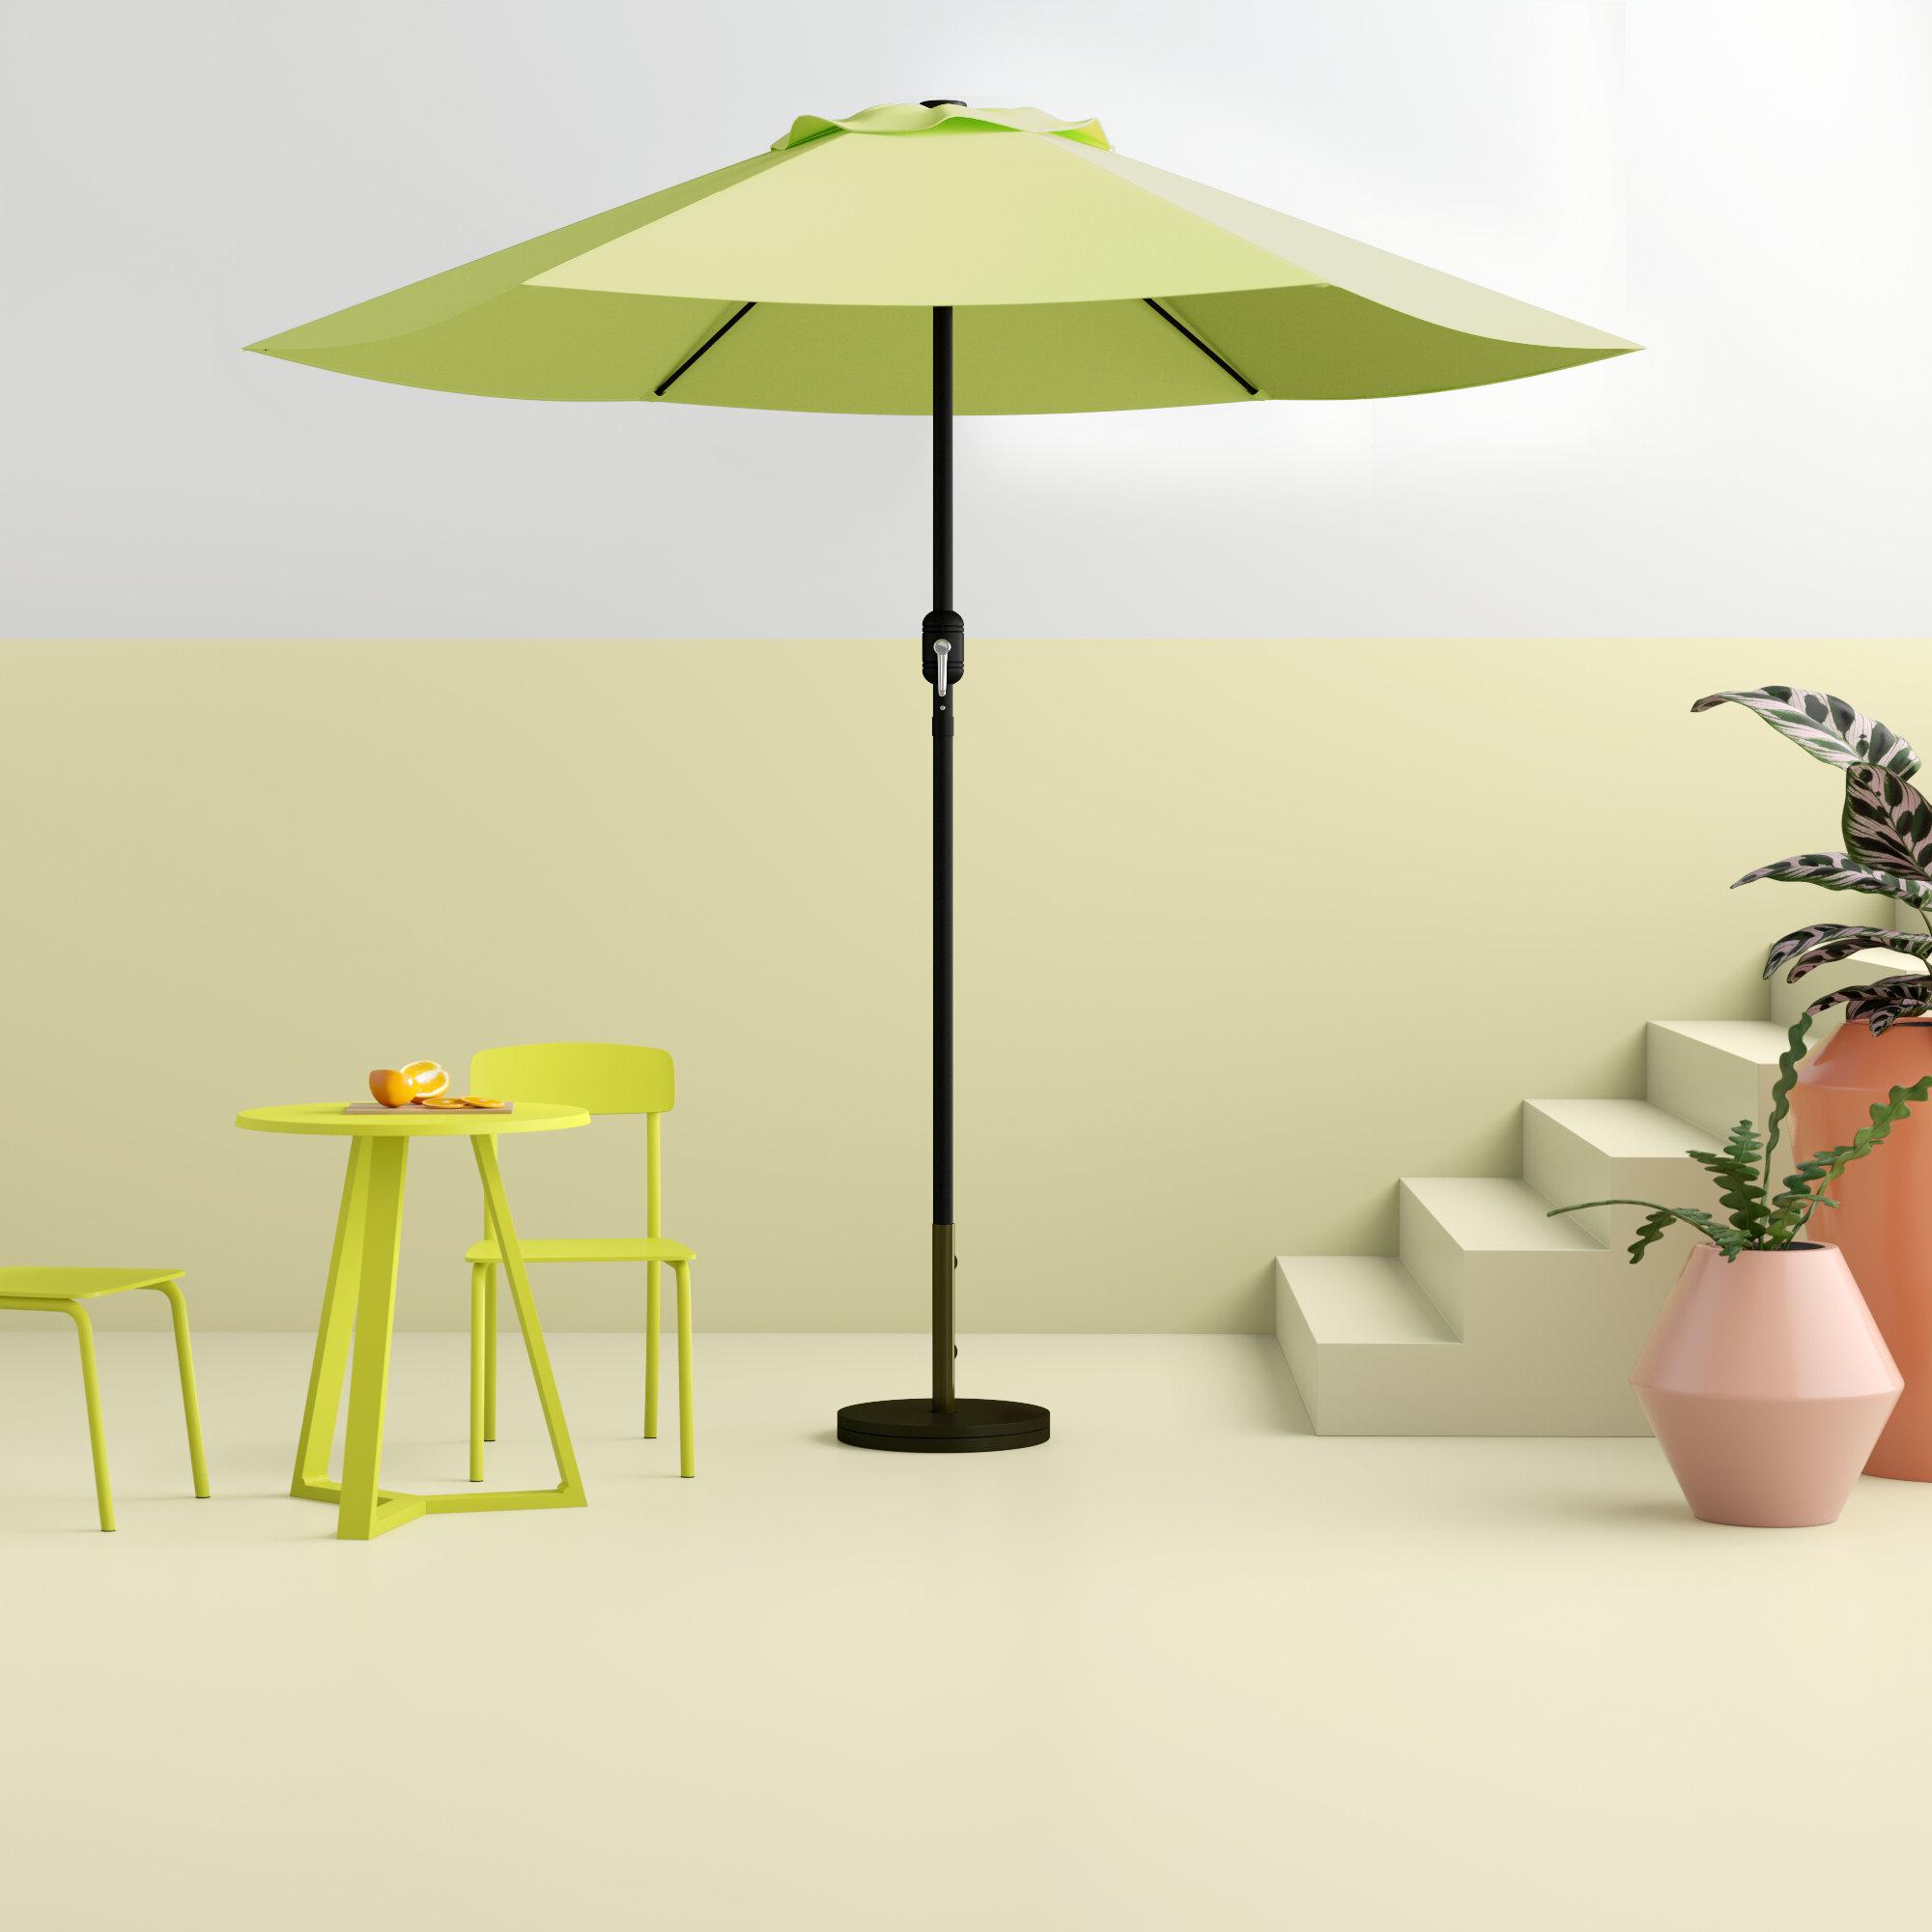 Bradford Patio 7.5' Market Umbrella With Regard To Most Popular Allport Market Umbrellas (Gallery 15 of 20)